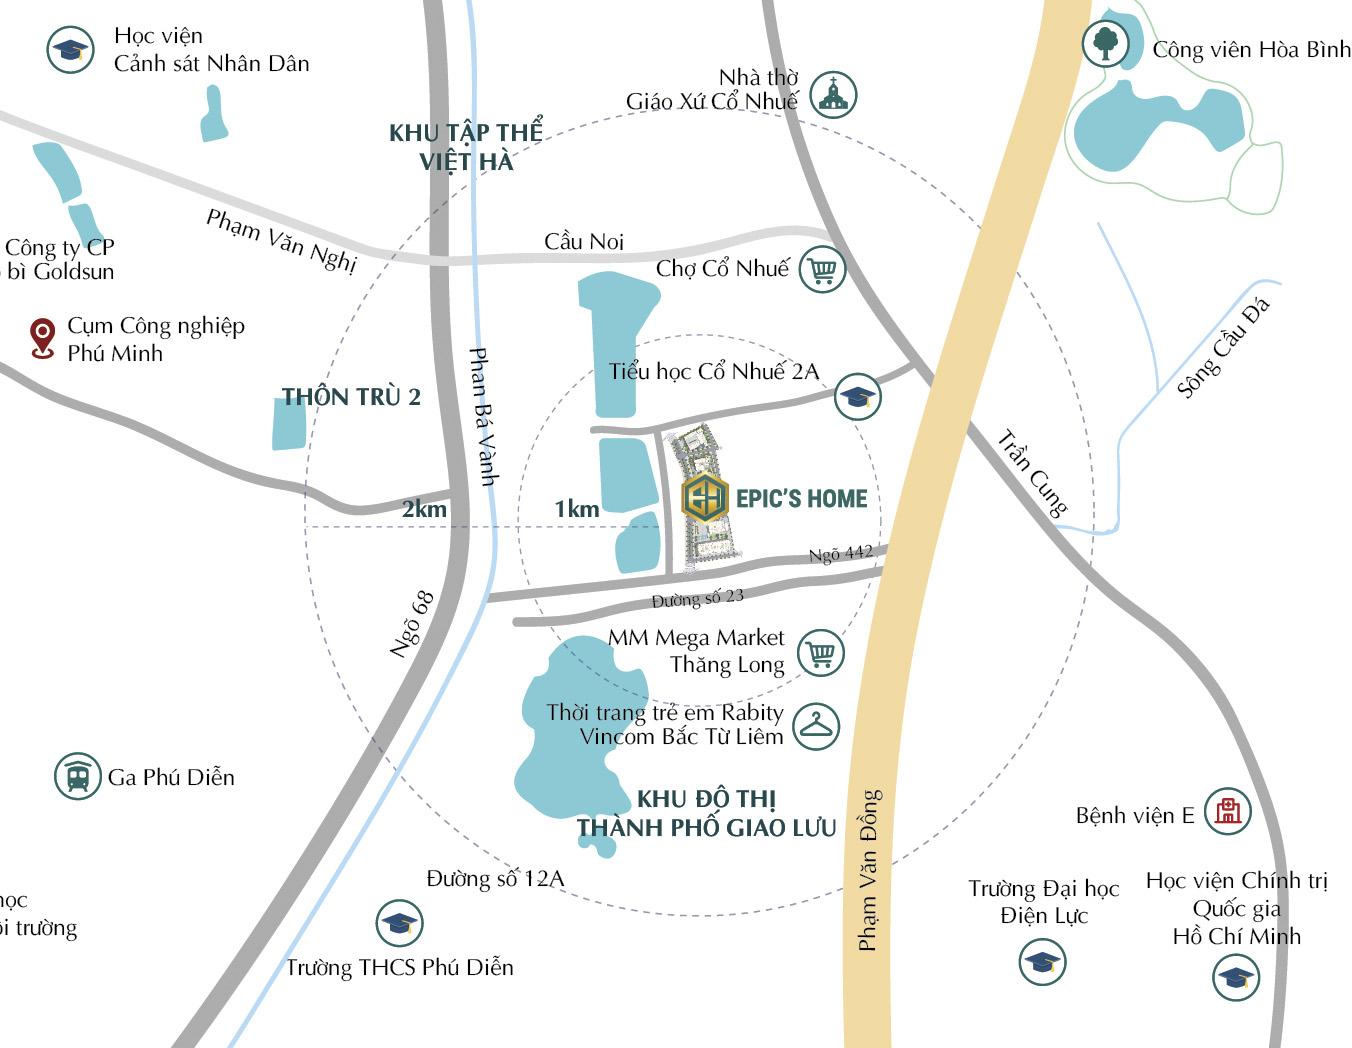 Dự án 43 Phạm Văn Đồng Bộ Công An đang hưởng nhiều đặc quyền khu vực nhất là Hạ tầng giao thông, xã hội